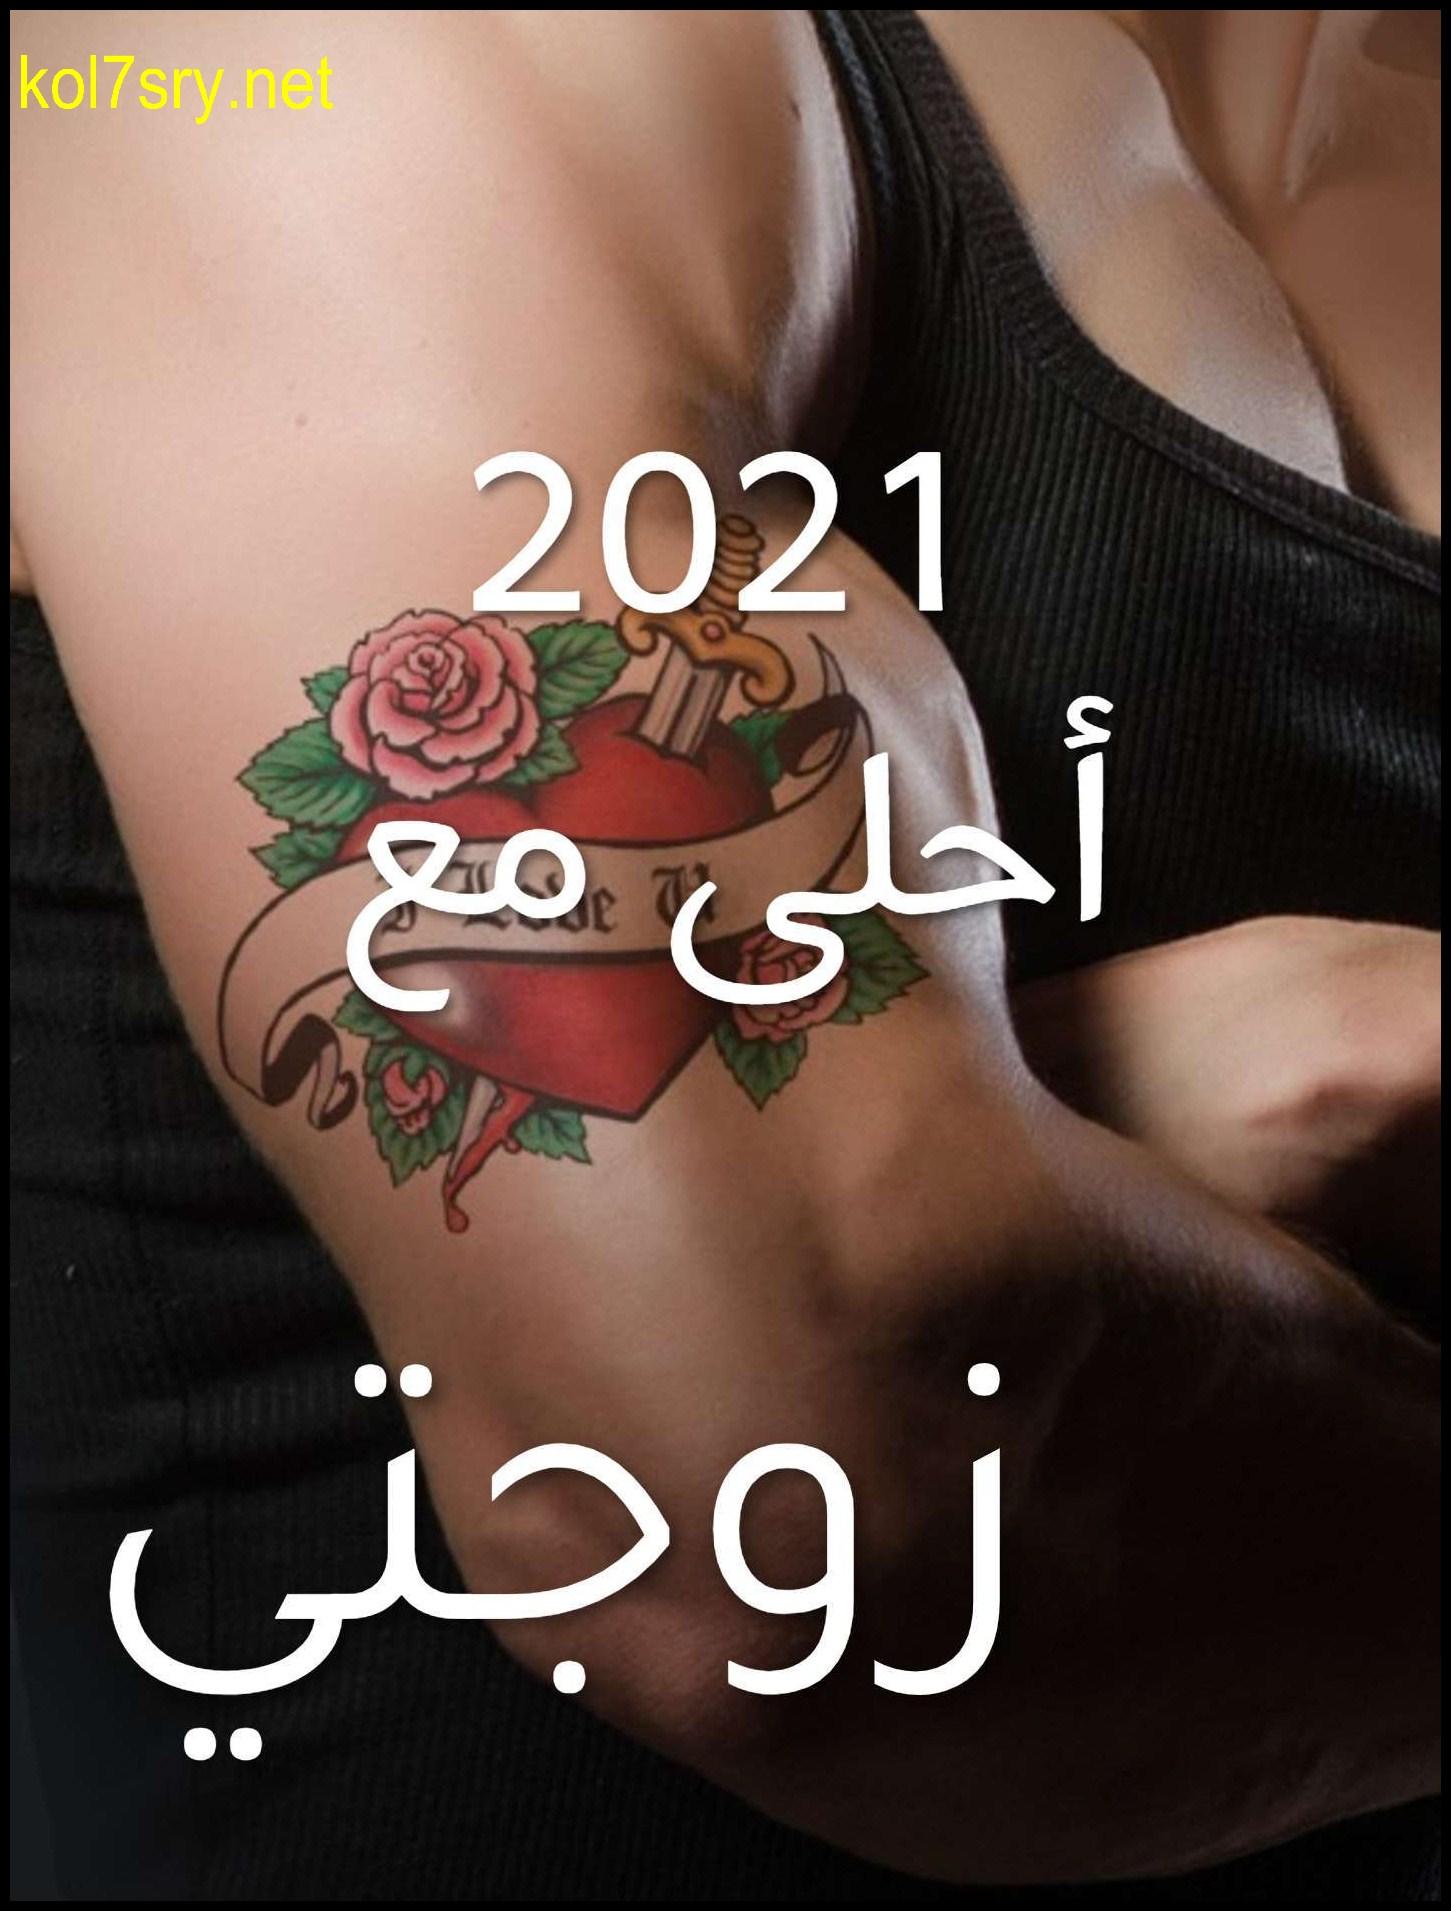 2021 أحلى مع اسمك أجمل 40 صورة HD لعام 2021 احلى مع مجانا اطلب التصميم بالتعليقات 21